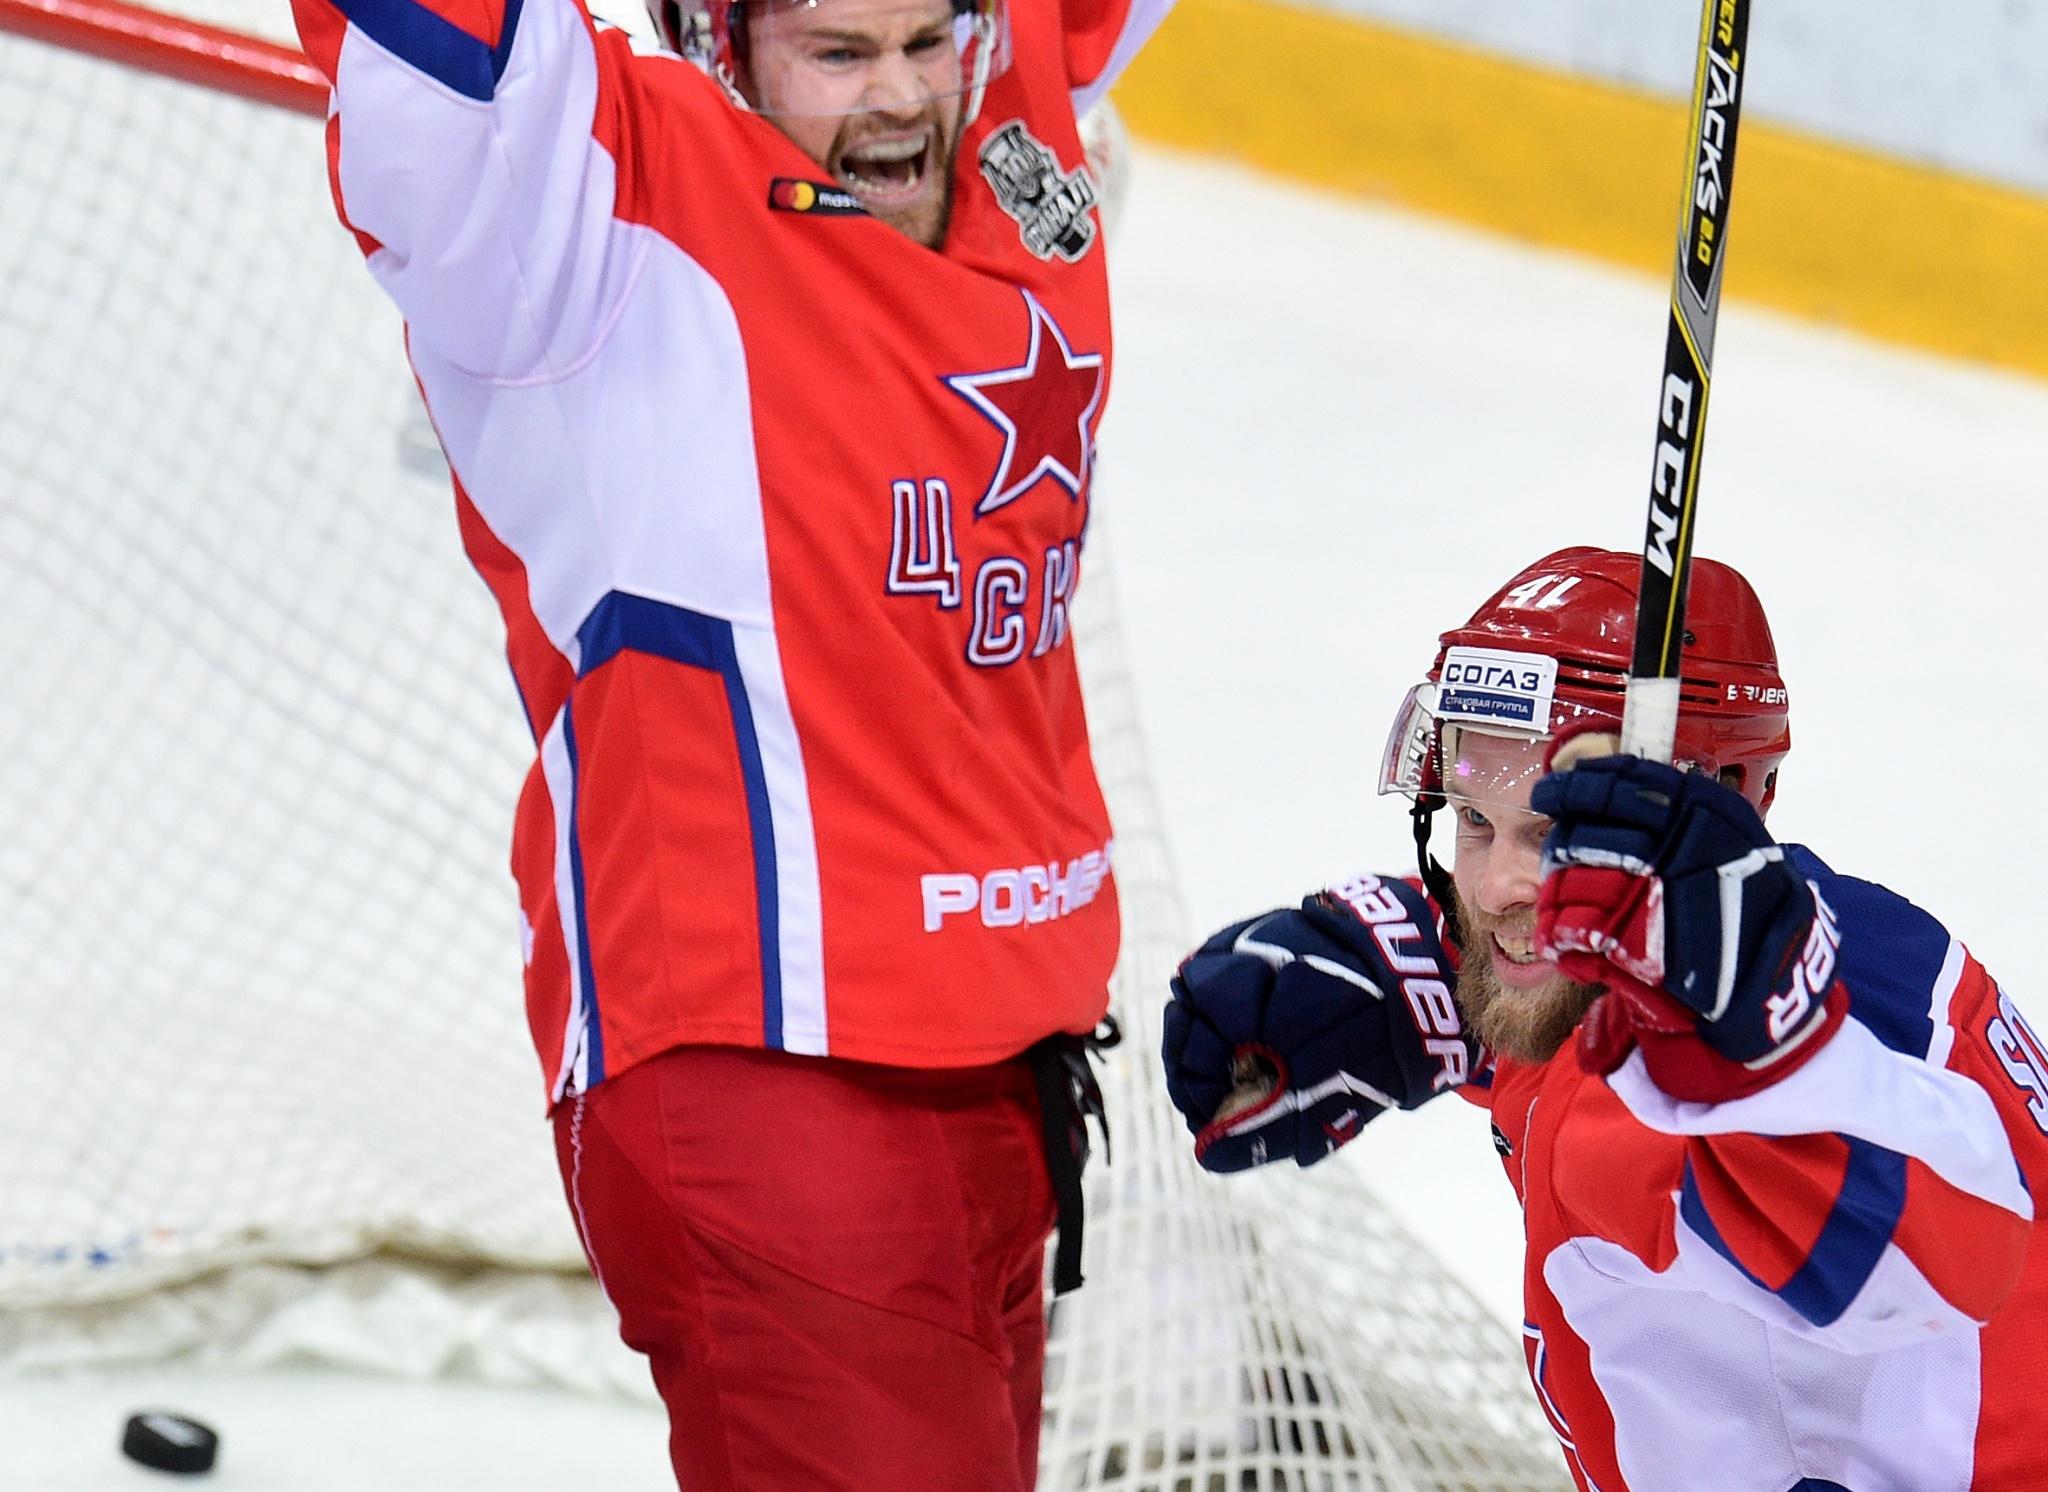 Кубок Гагарина натретий матч заключительной серии привезли наармейском джипе